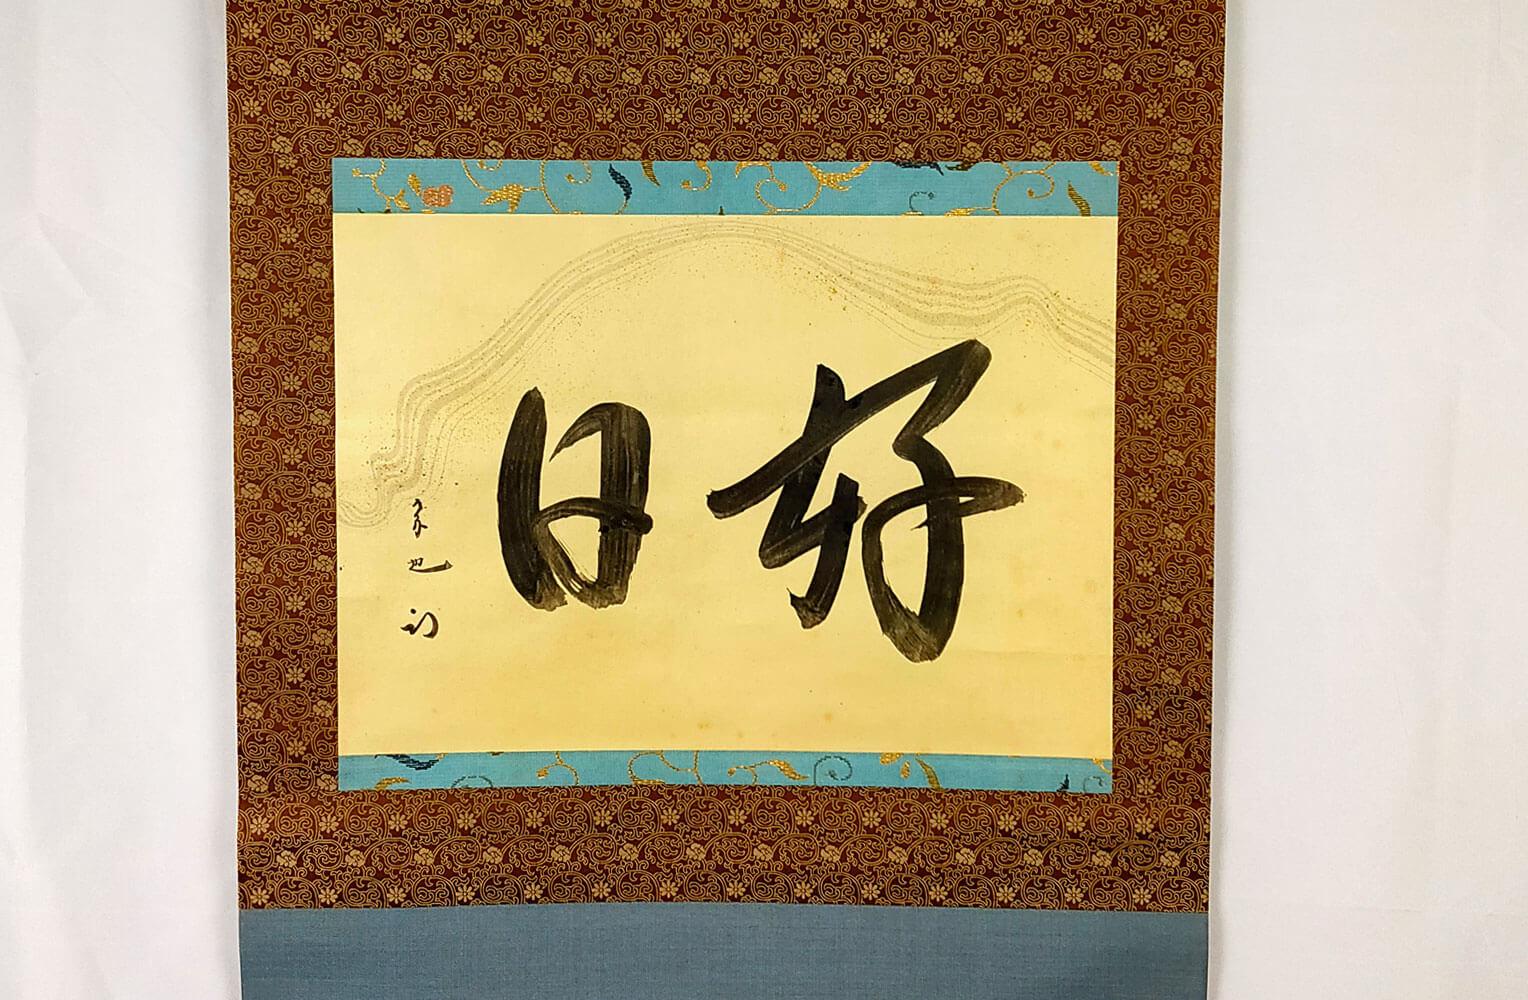 久田宗也 懐紙 『好日』掛け軸